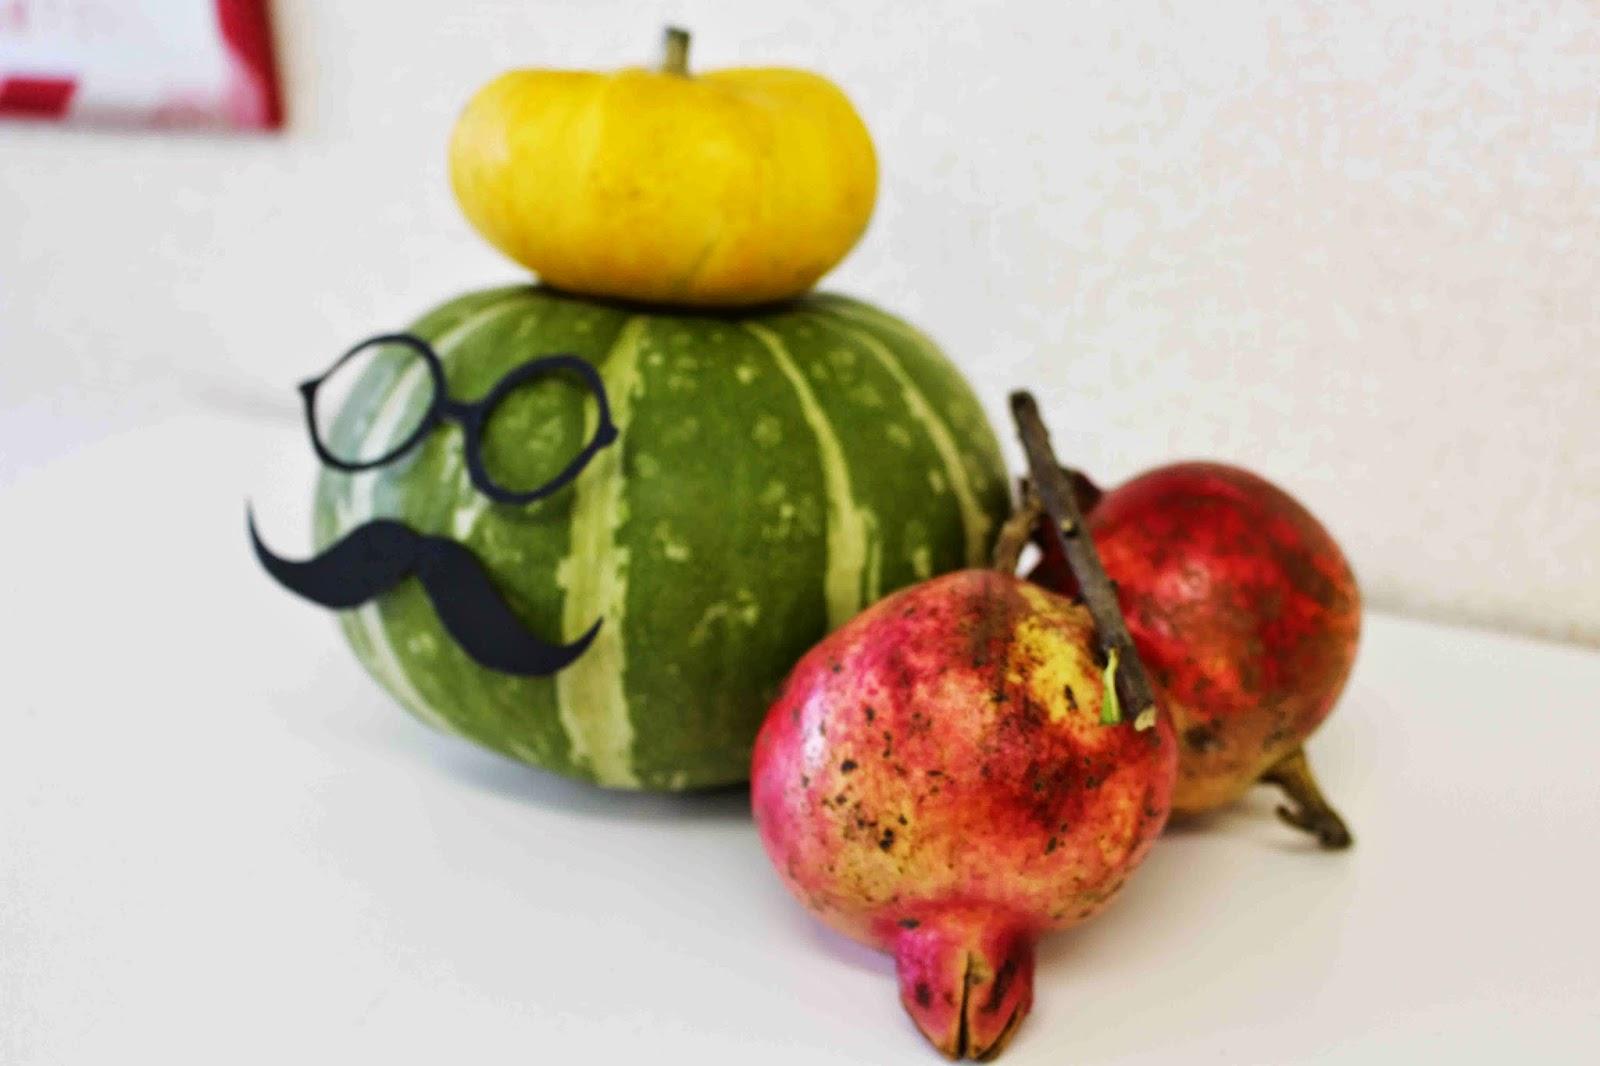 果物や野菜をオブジェのように飾る5つのアイデア